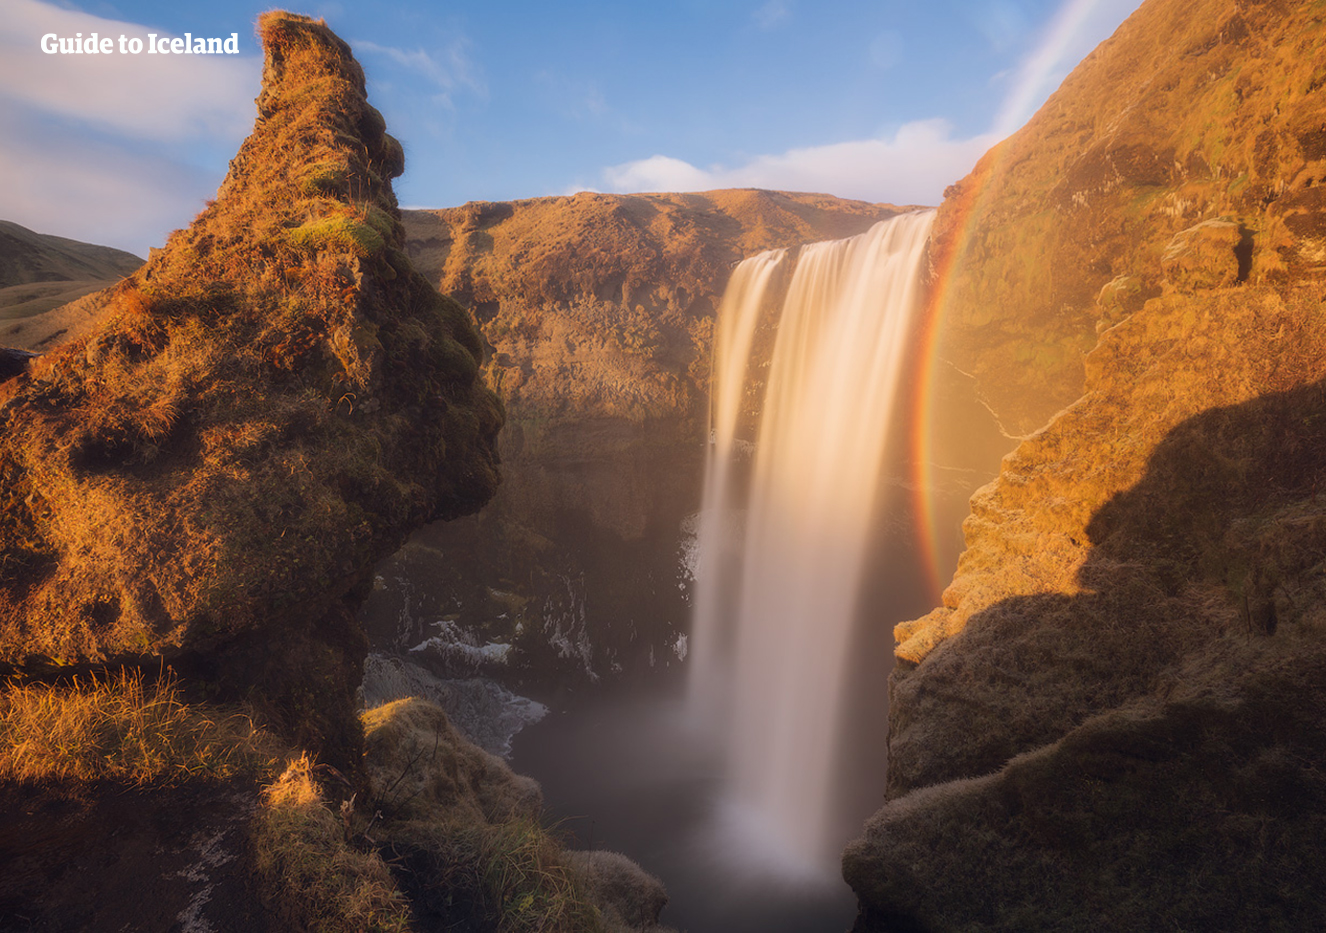 Scattati una bella fotografia davanti alla cascata di Skógafoss sulla costa meridionale.